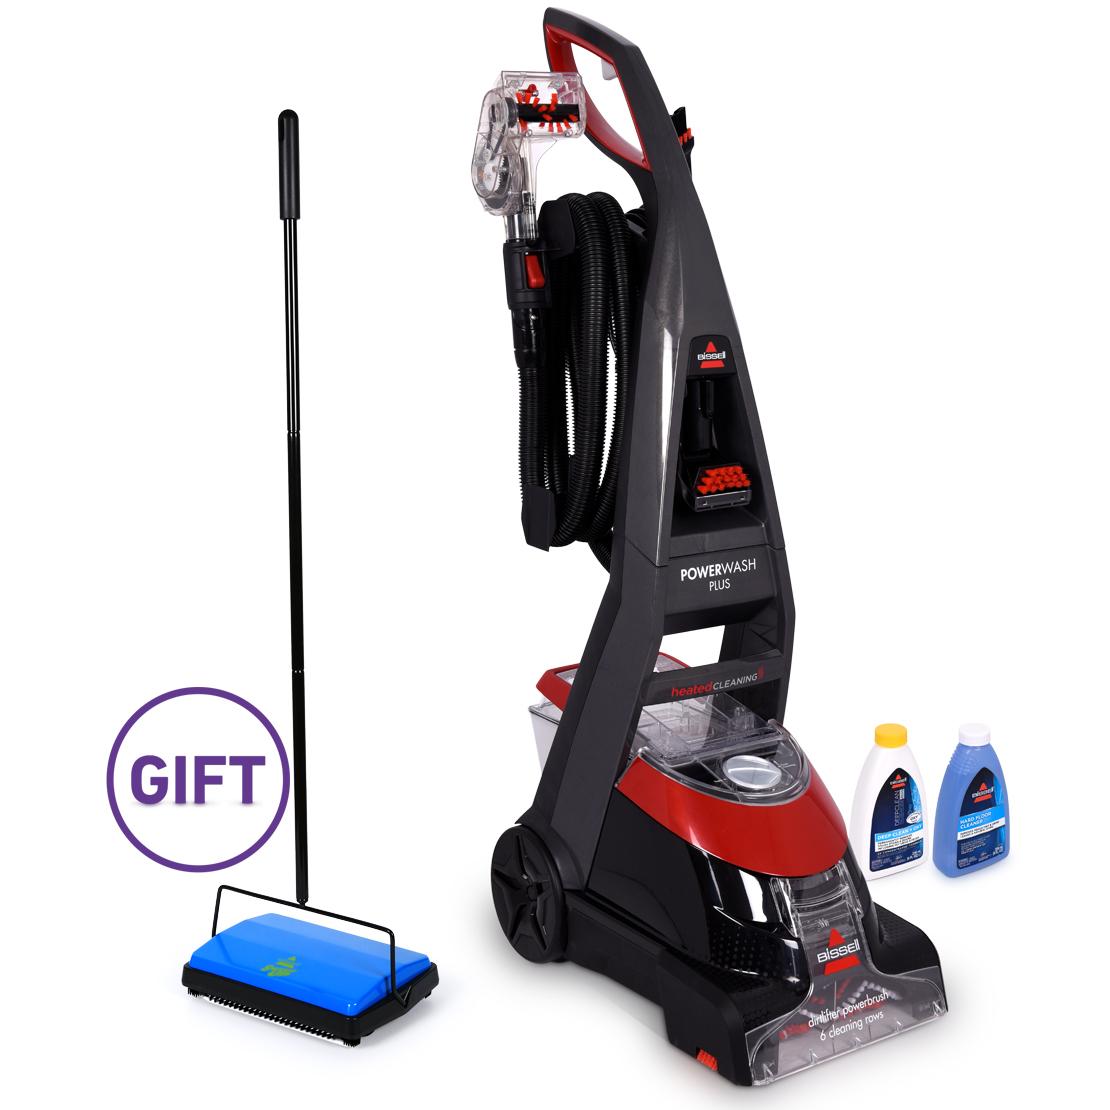 Powerwash Plus 2009K Carpet Cleaner & Gift